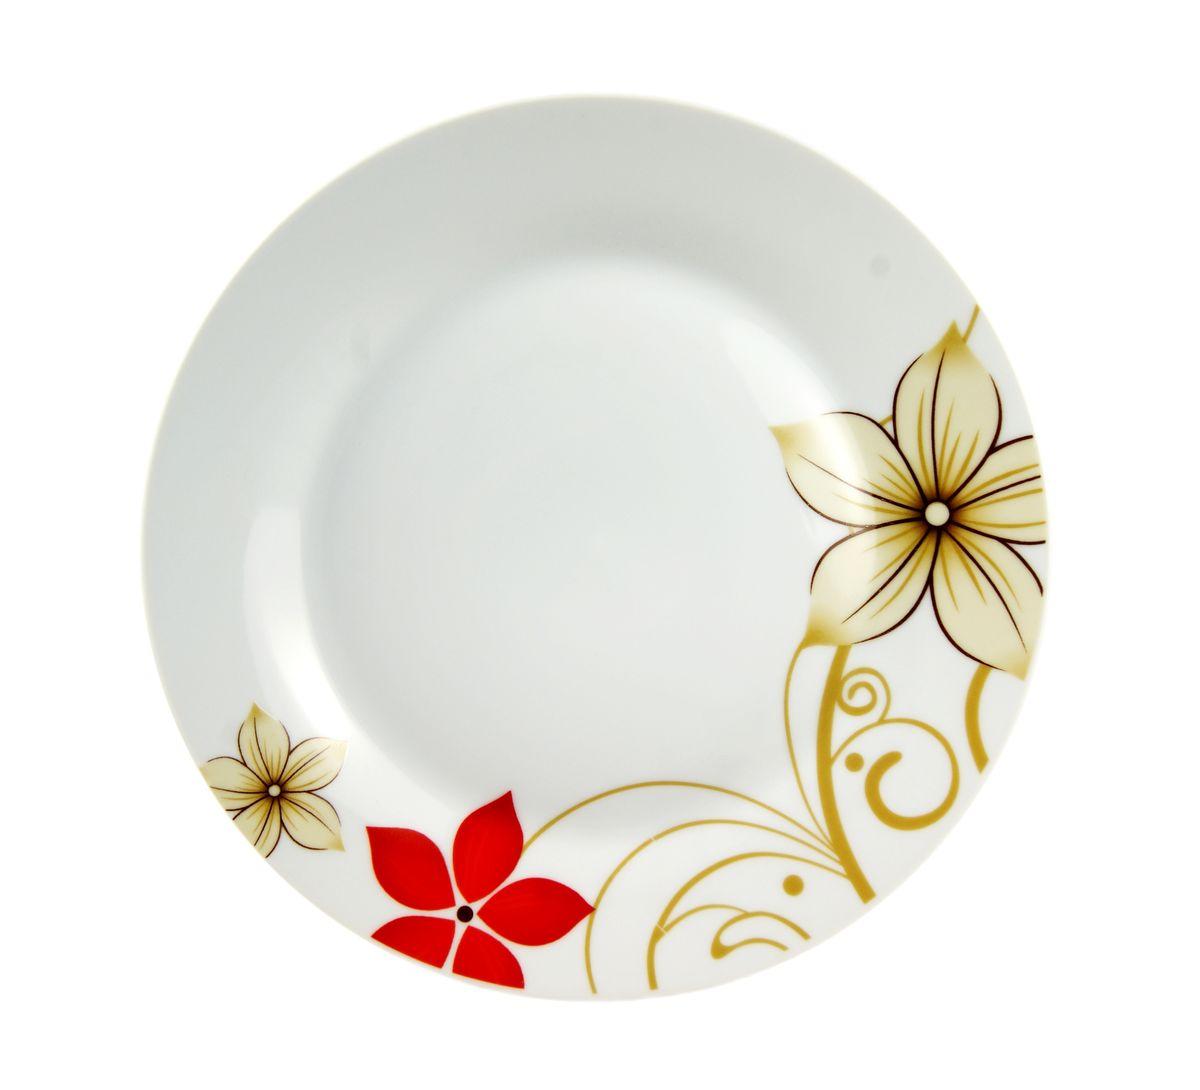 Тарелка десертная Dasen Магнолия, диаметр 19 см54 009312Десертная тарелка Dasen Магнолия, изготовленная из высококачественной керамики, предназначена для красивой подачи различных блюд. Изделие декорировано изящным рисунком цветов и имеет изысканный внешний вид.Такая тарелка украсит сервировку стола и подчеркнет прекрасный вкус хозяйки.Можно мыть в посудомоечной машине и использовать в микроволновой печи. Диаметр: 19 см.Высота: 1,5 см.